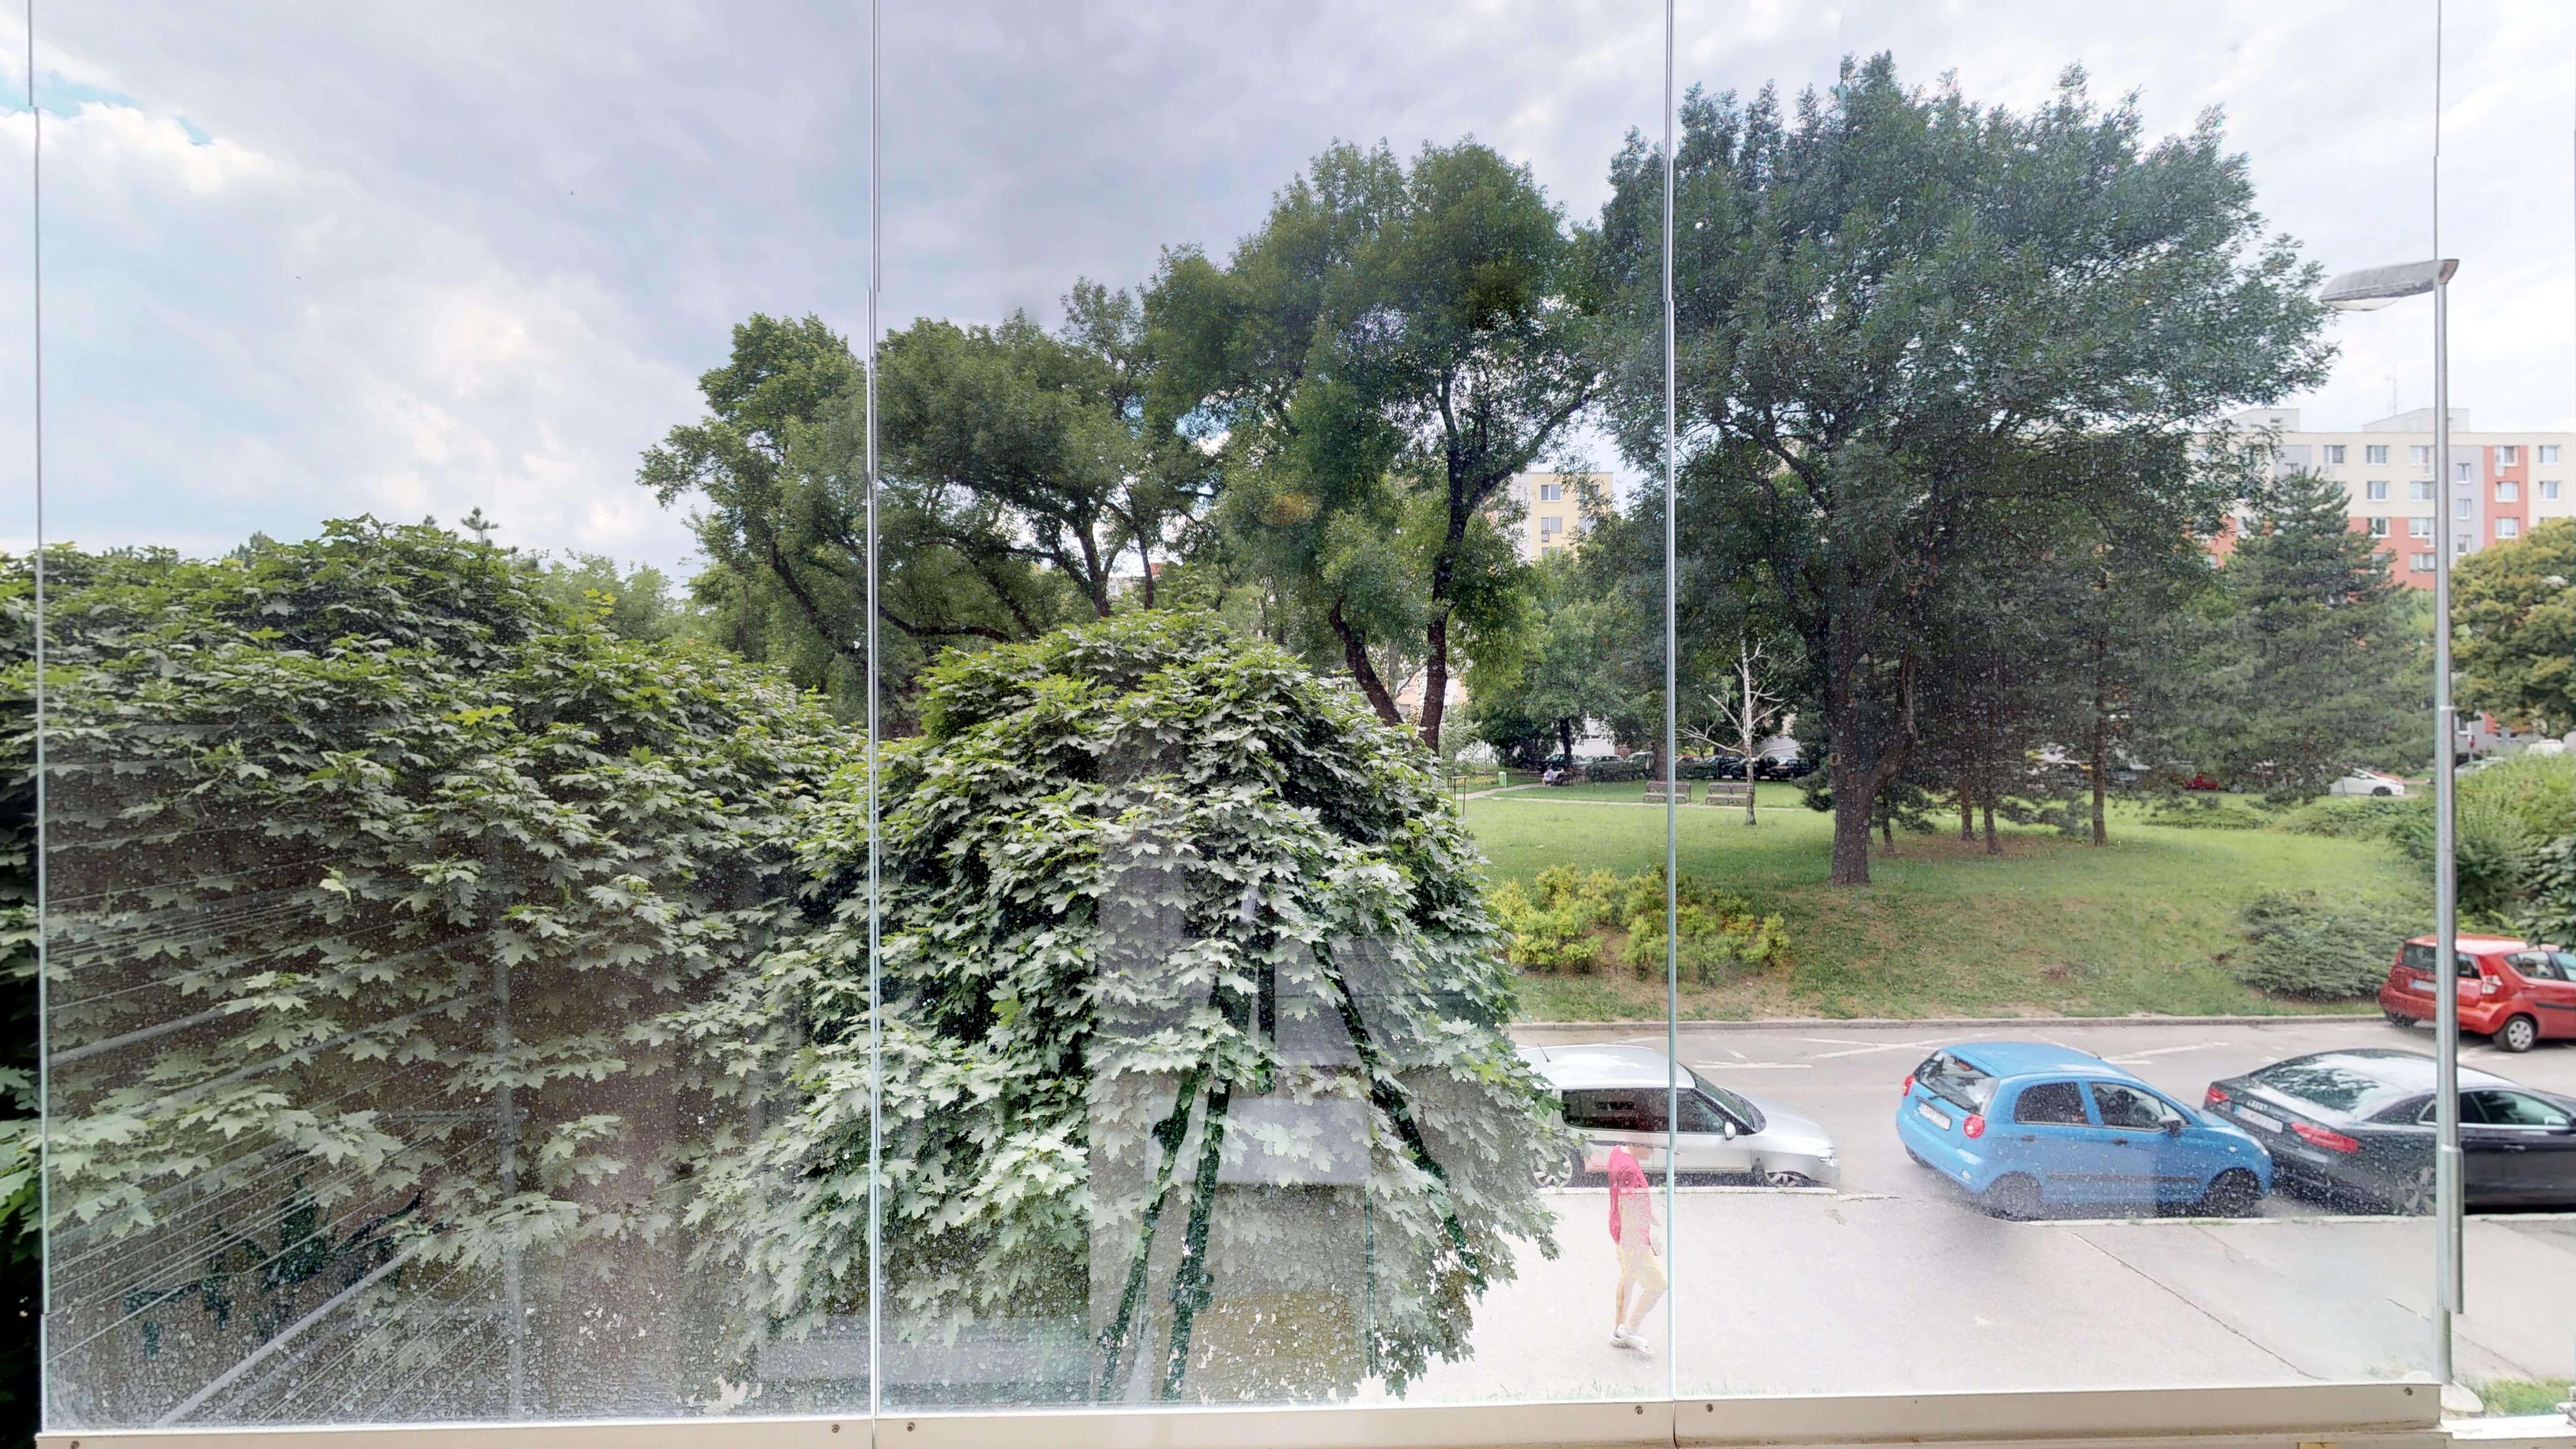 Predané Predaj exkluzívneho 3 izb. bytu,v Ružinove, ulica Palkovičová, blízko Trhoviska Miletičky v Bratislave, 68m2, kompletne zariadený-17